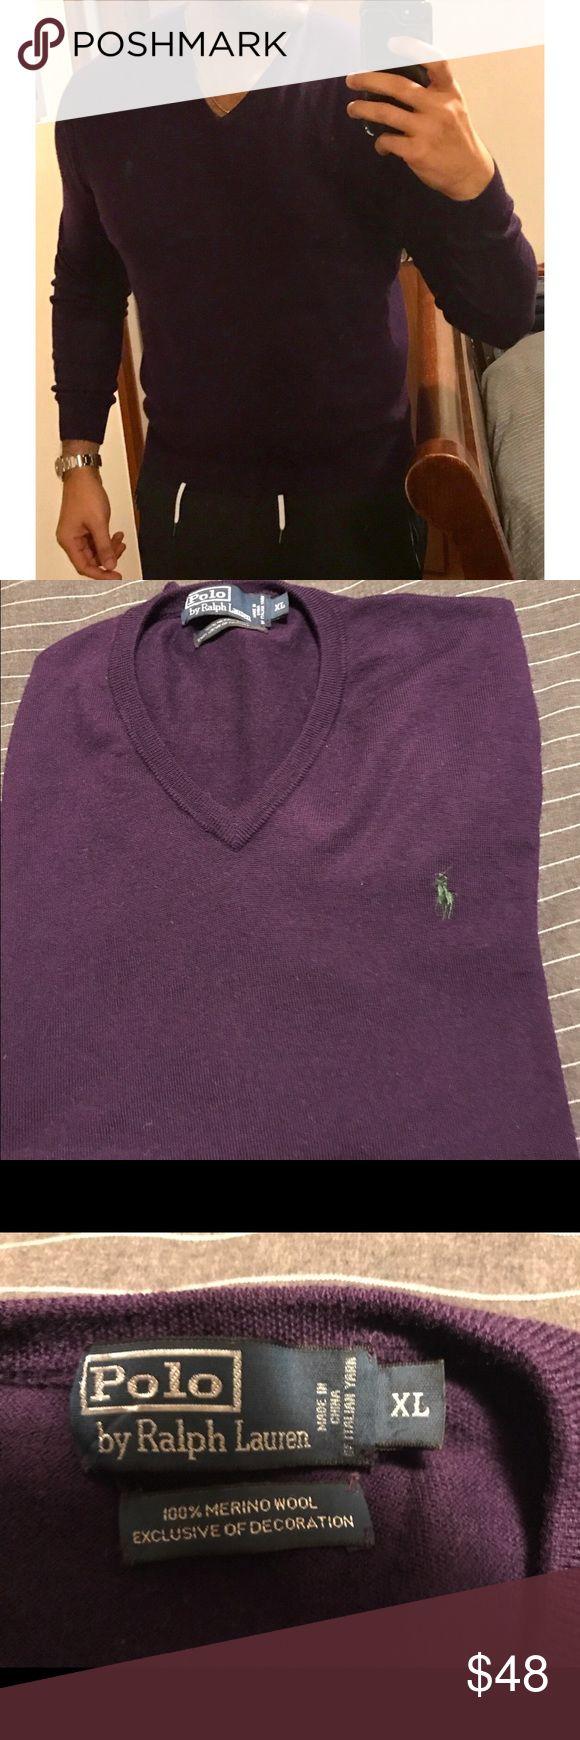 SALE Polo by Ralph Lauren 100% Merino Wool Sweater Polo by Ralph Lauren 100% Merino Wool Sweater. Size is XL Polo by Ralph Lauren Sweaters